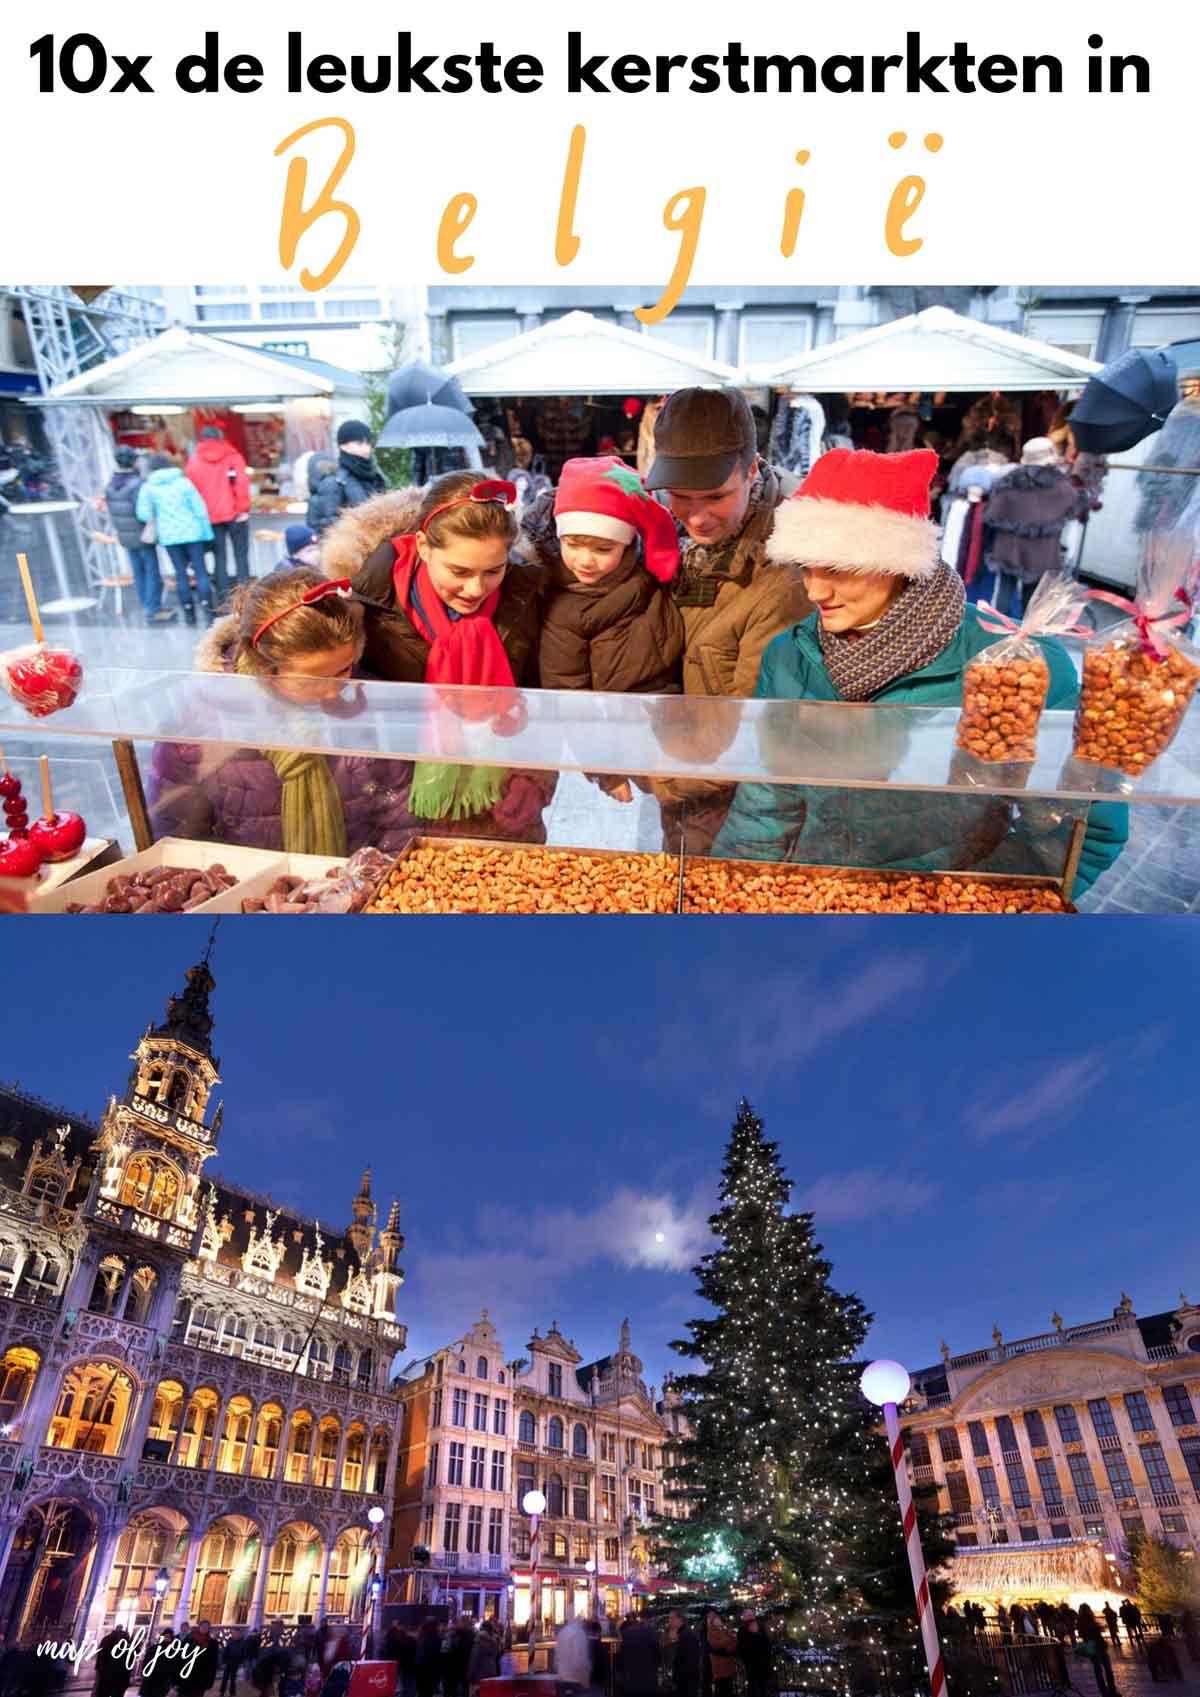 10x de leukste kerstmarktn in België - Map of Joy